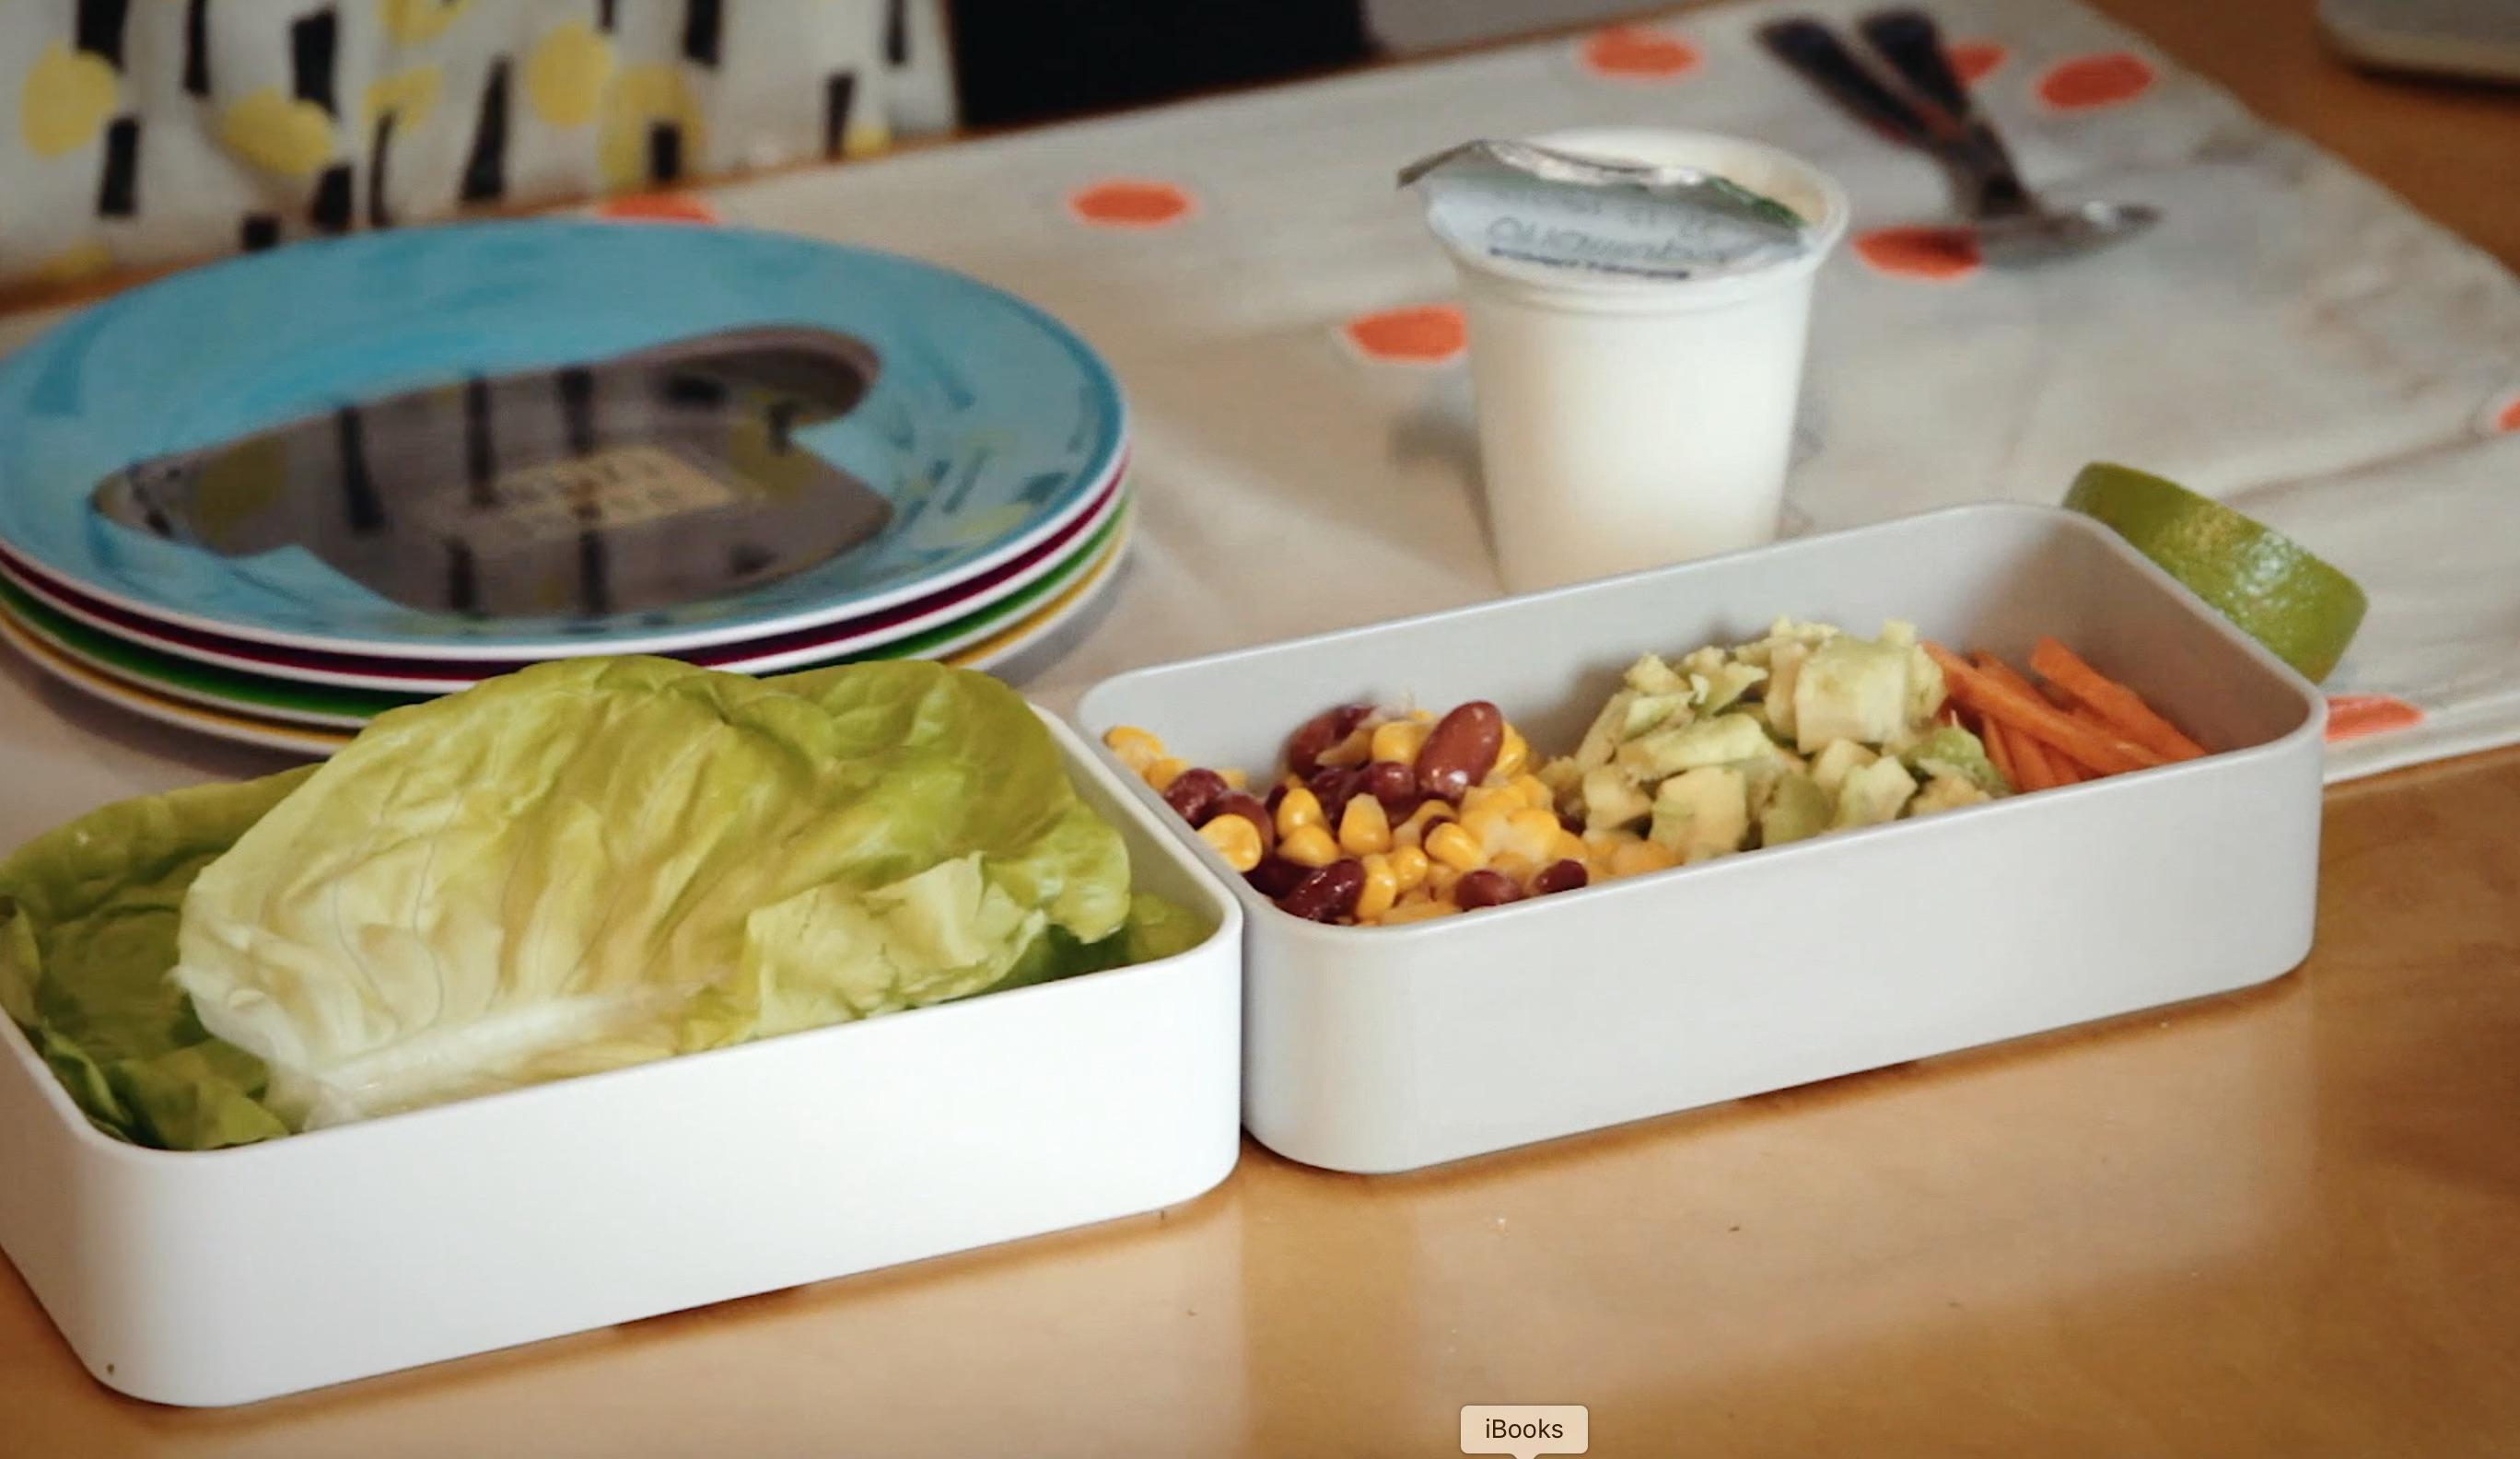 Pausa Pranzo Ufficio : Ricetta insalata di pasta fredda la soluzione per la pausa pranzo